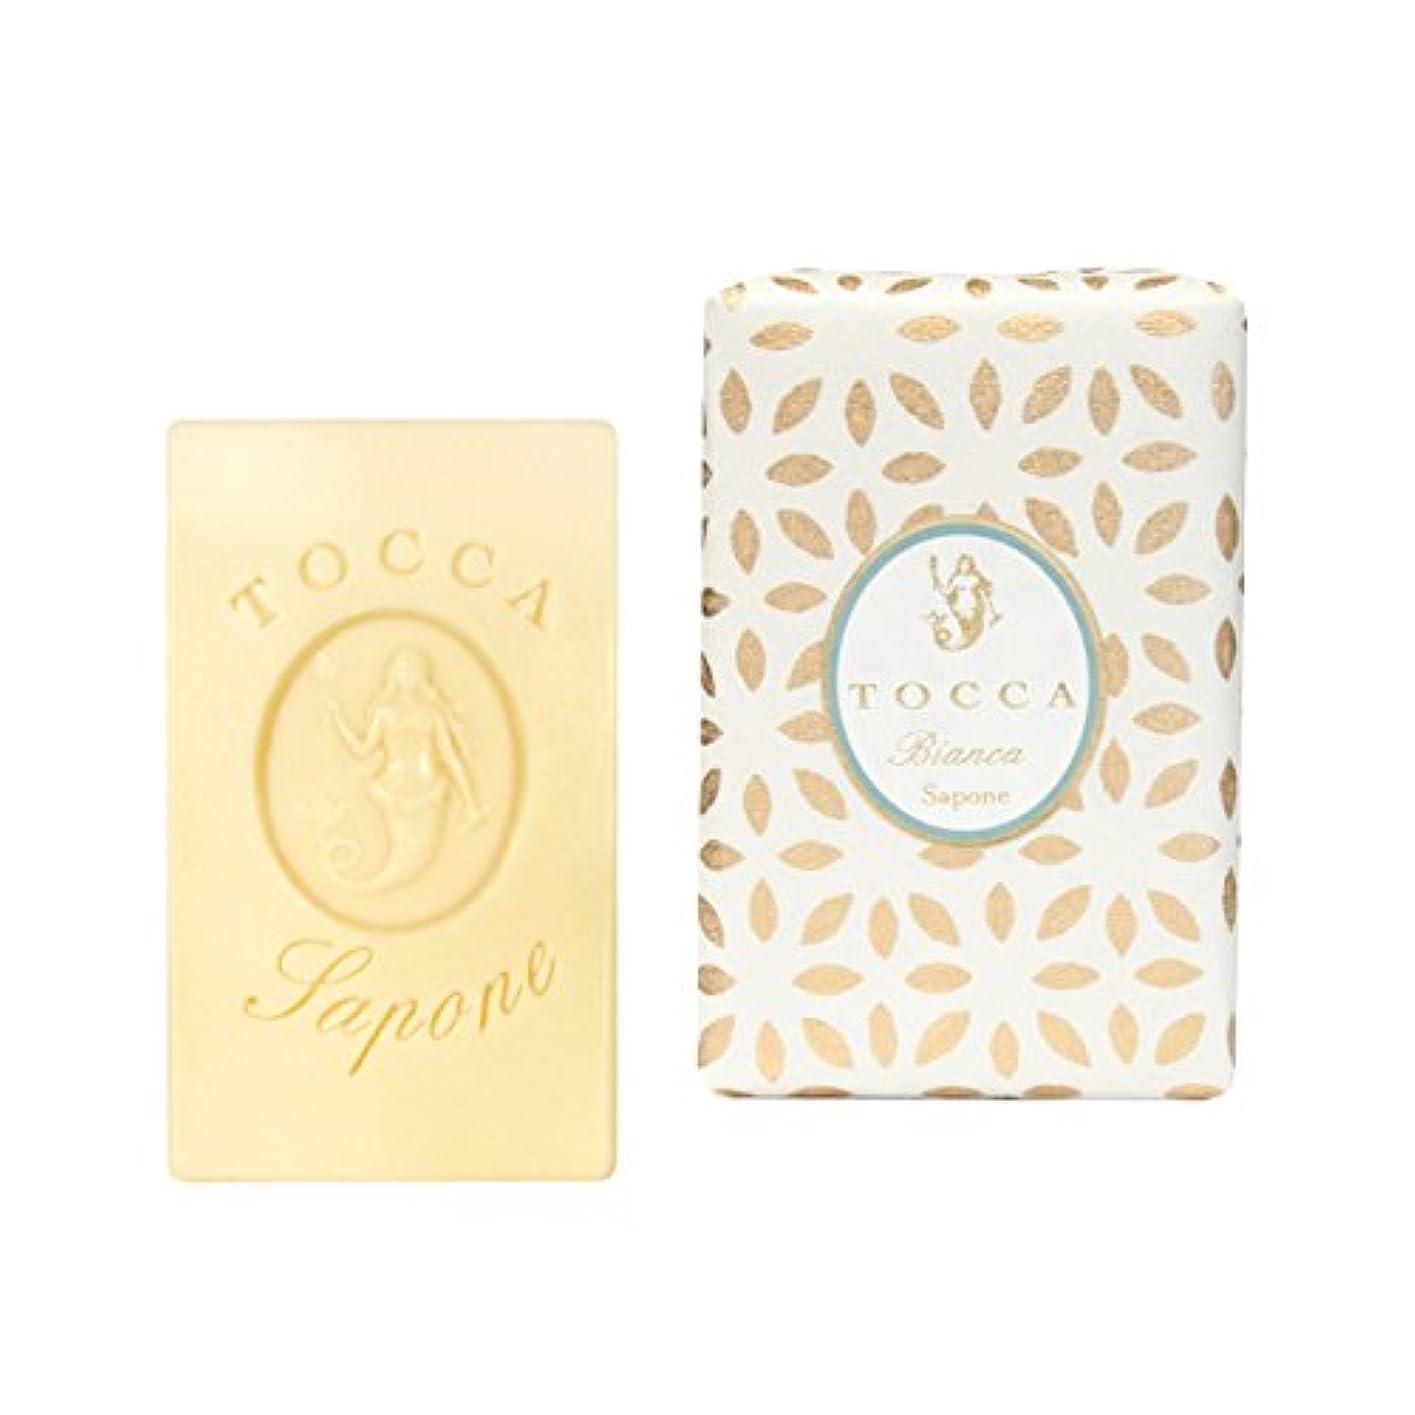 異なるブラインドディレイトッカ(TOCCA) ソープバー ビアンカの香り 113g(化粧石けん シトラスとグリーンティー、ローズが絶妙に溶け合ったほのかに甘さ漂うフレッシュな香り)